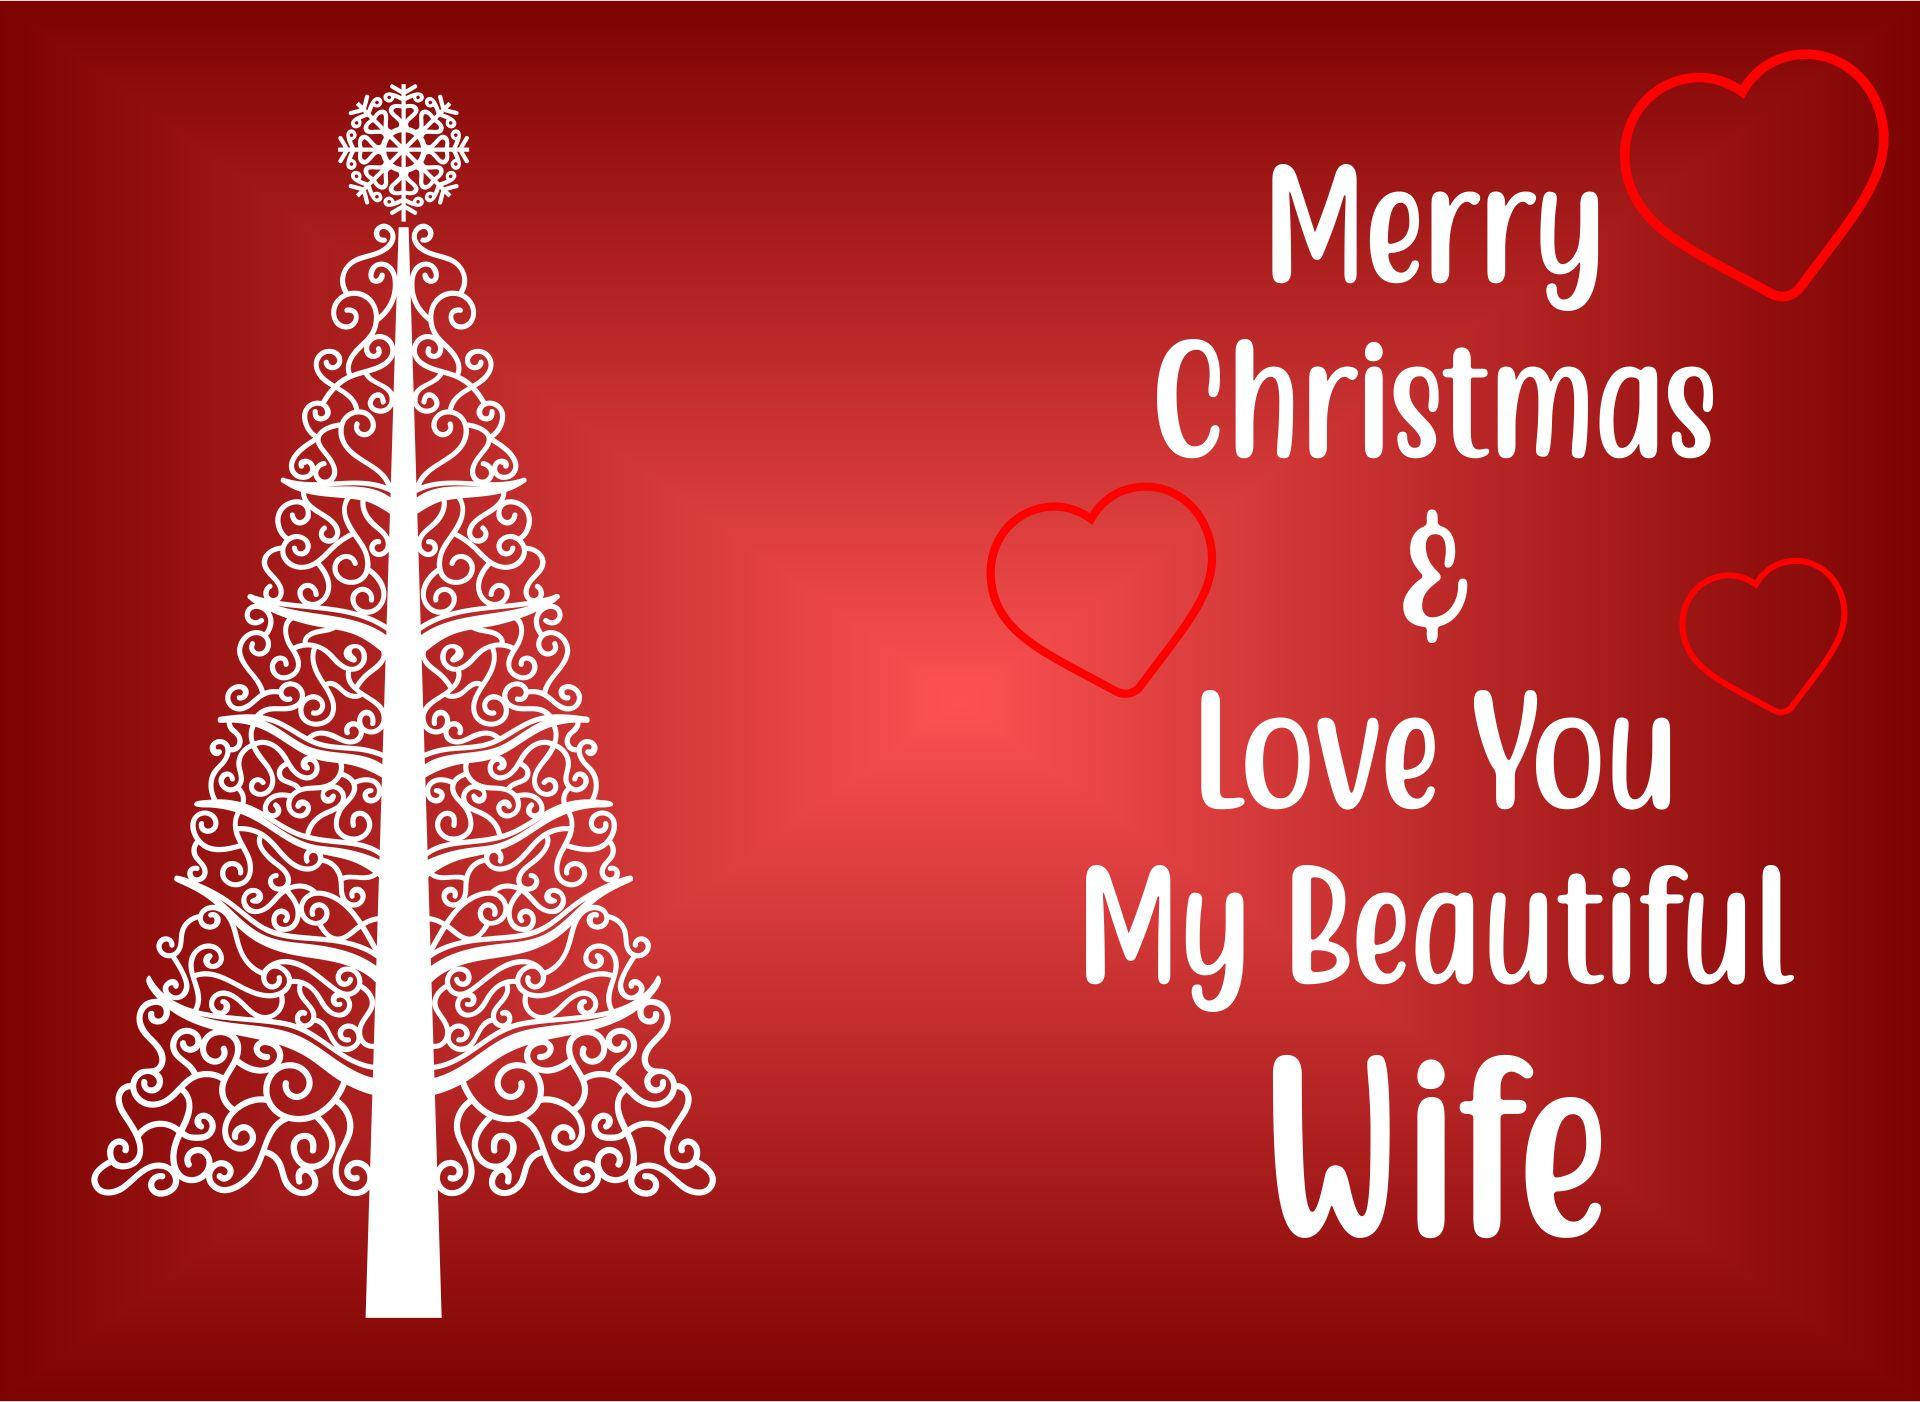 Printable Christmas Cards Wife